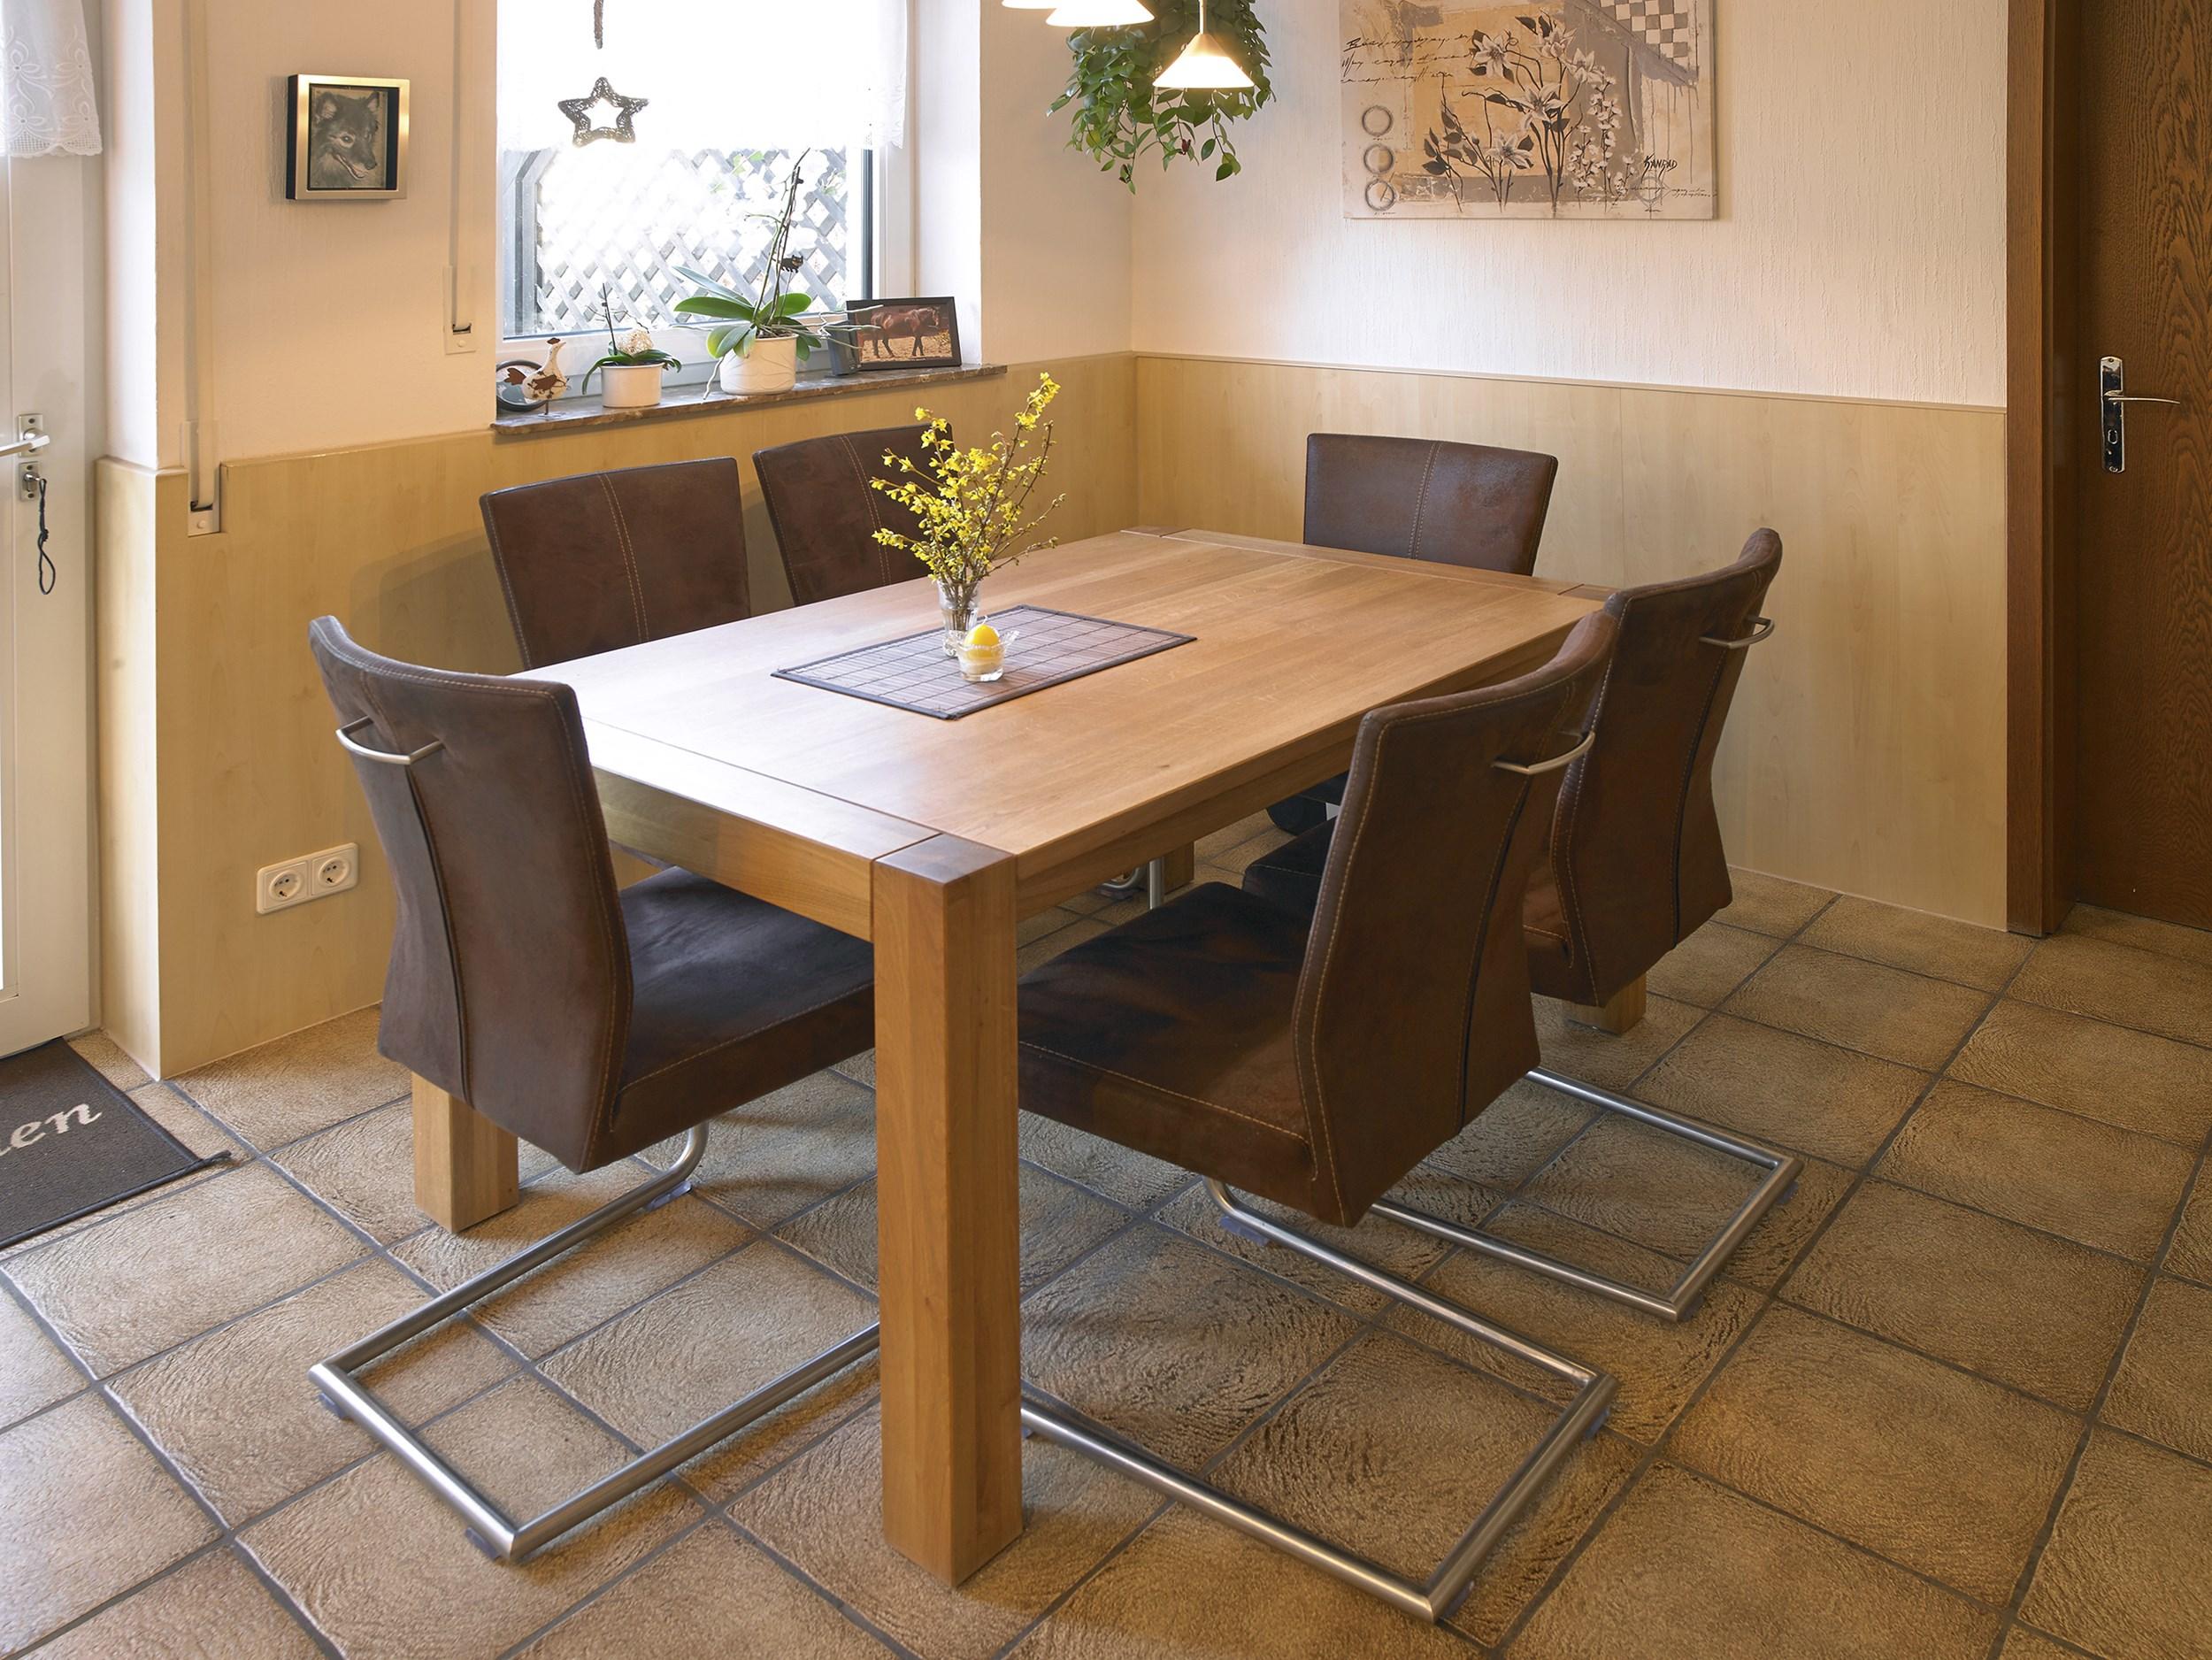 Keukenrenovatie Voorbeelden : Klantenvoorbeelden keukenrenovatie – PORTAS Nederland